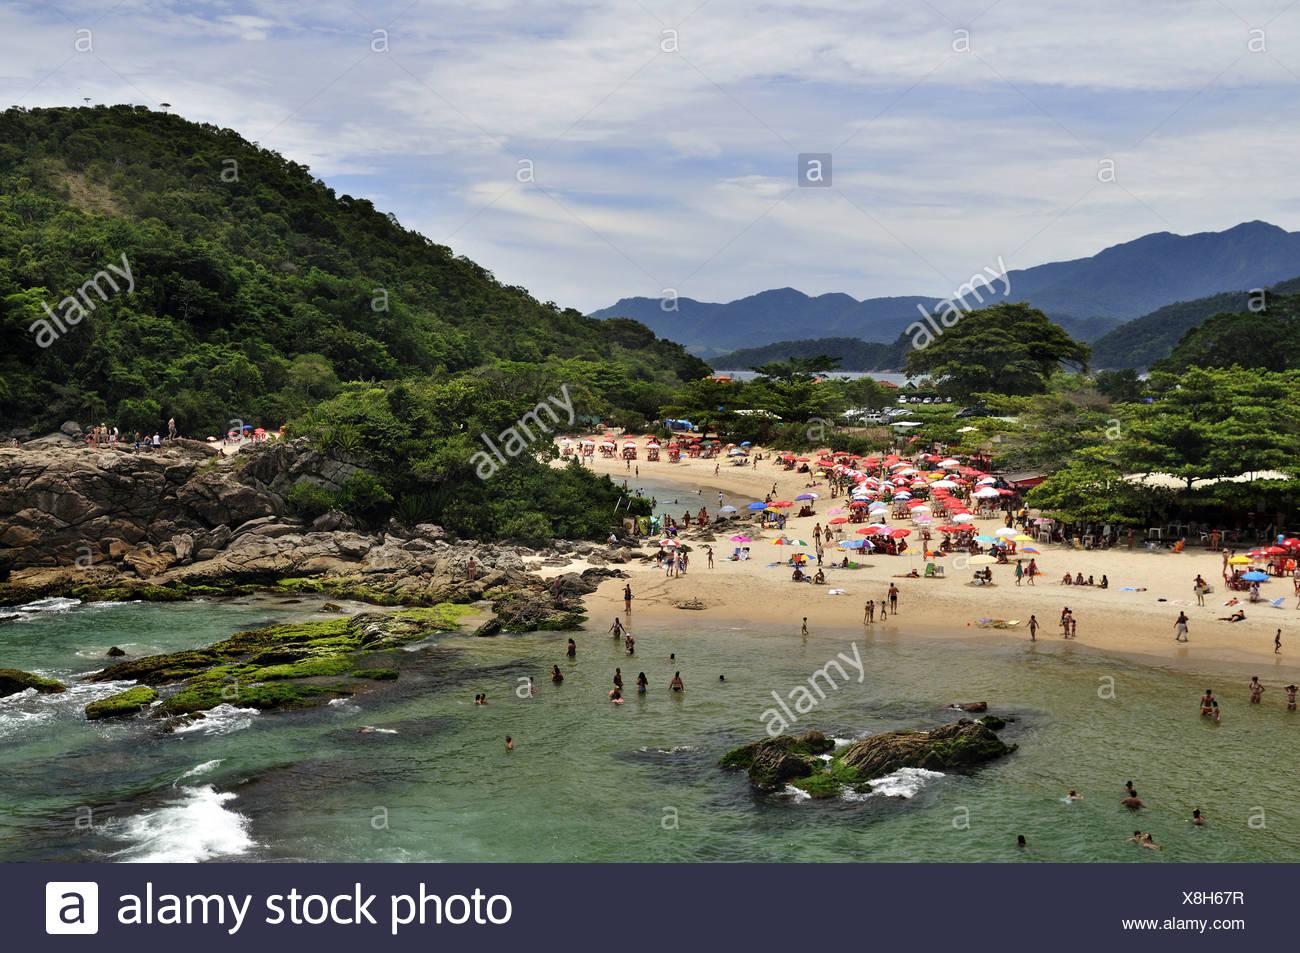 Busy beach in Trinidade, Paraty, Parati, Rio de Janeiro, Brazil, South America - Stock Image